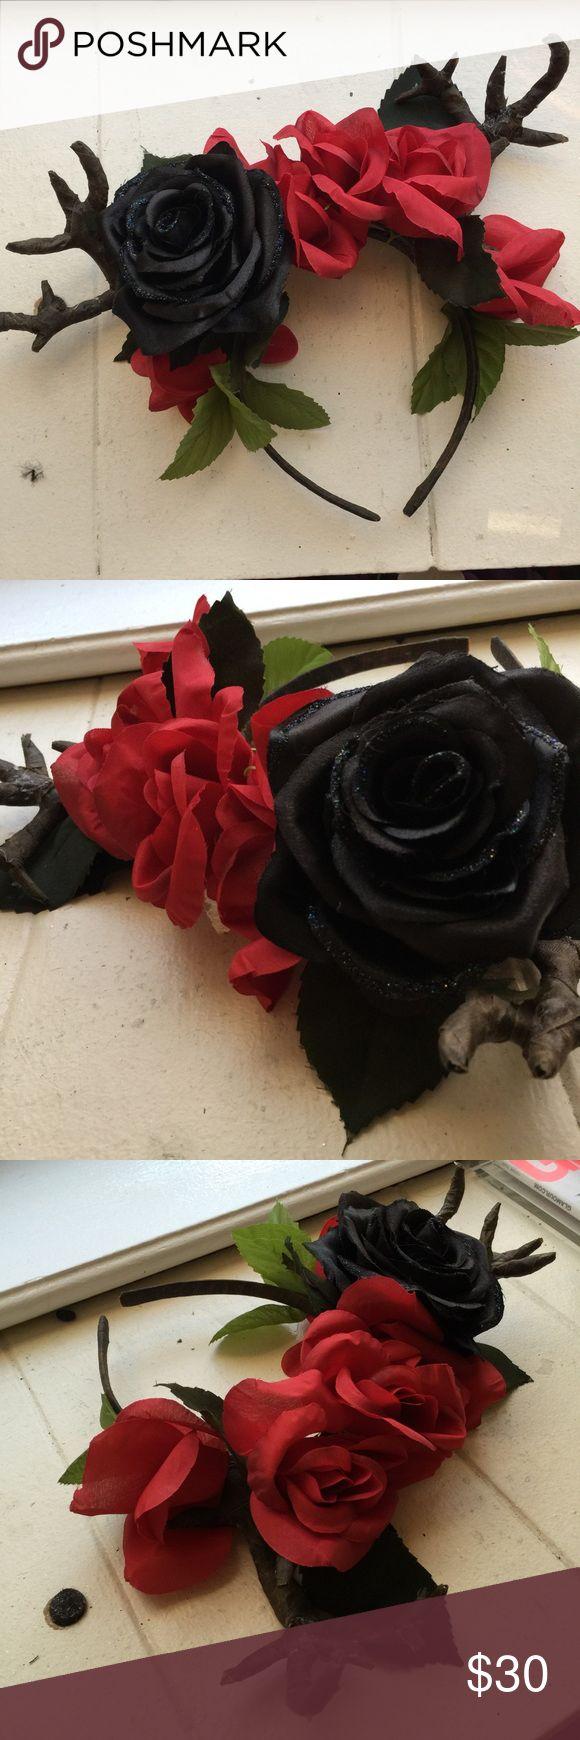 Rose Deer Flower Crown Handmade by me! Includes deer antlers! cocochampange Accessories Hair Accessories